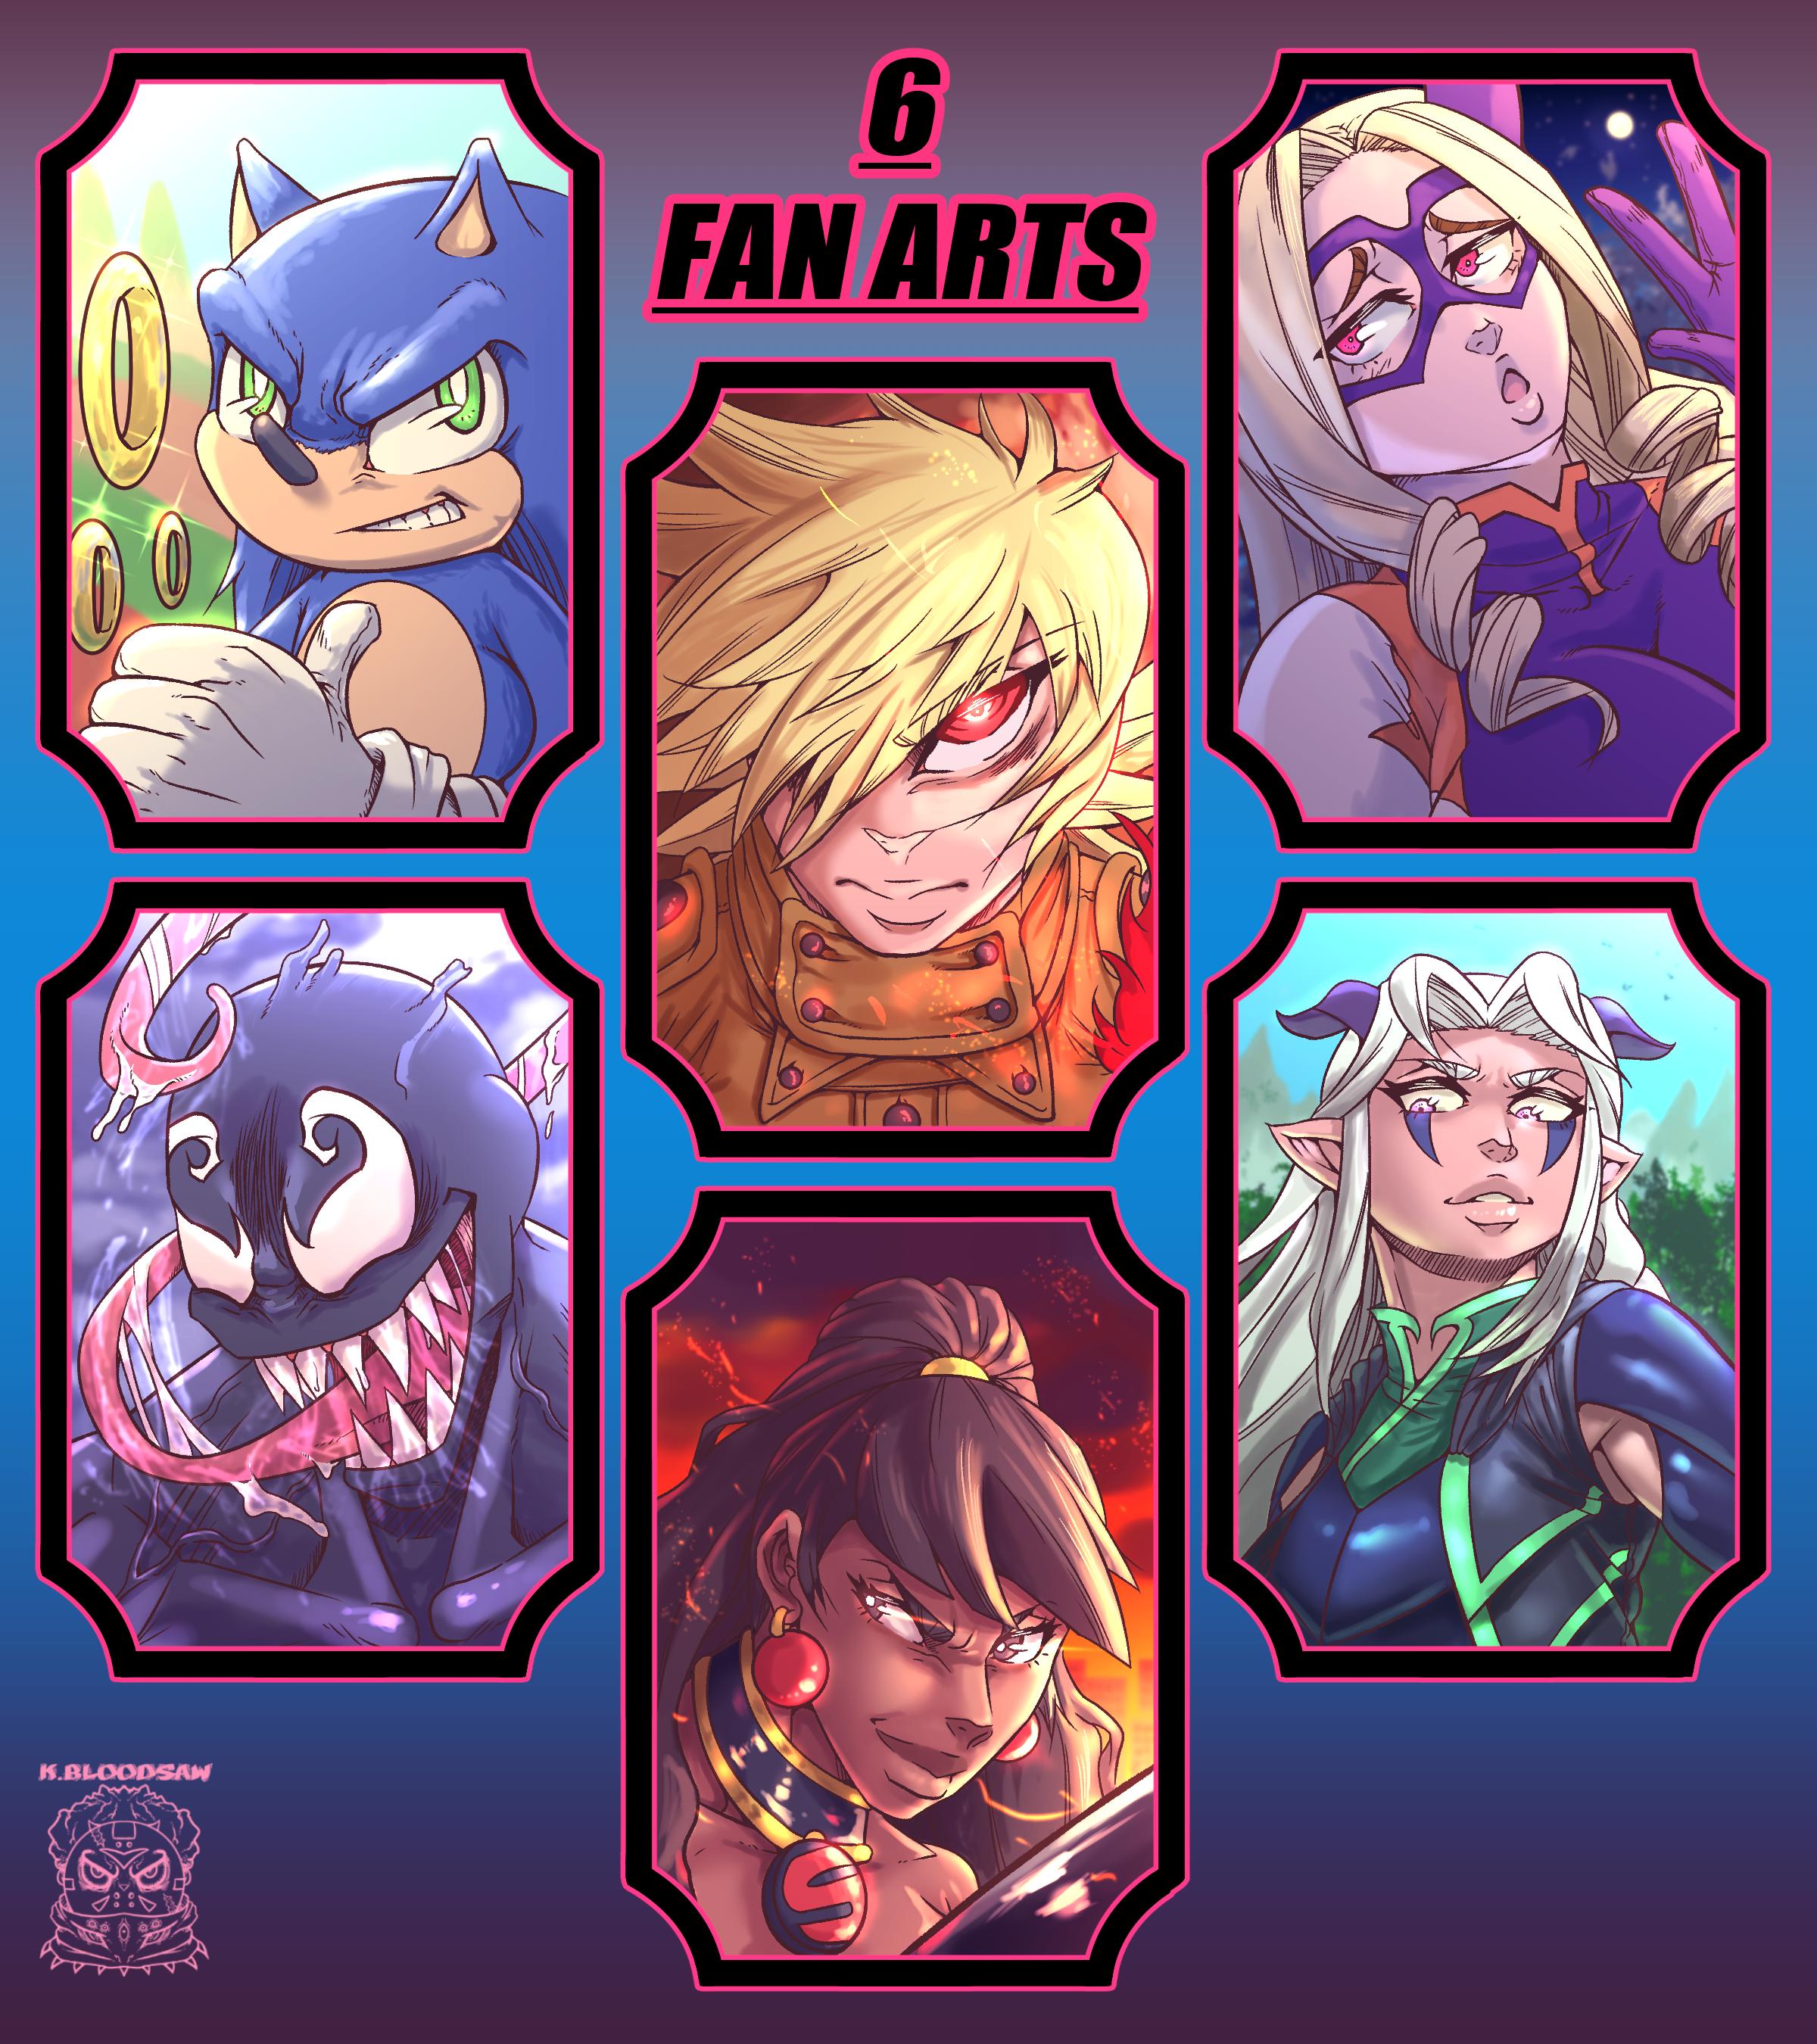 6 fan art